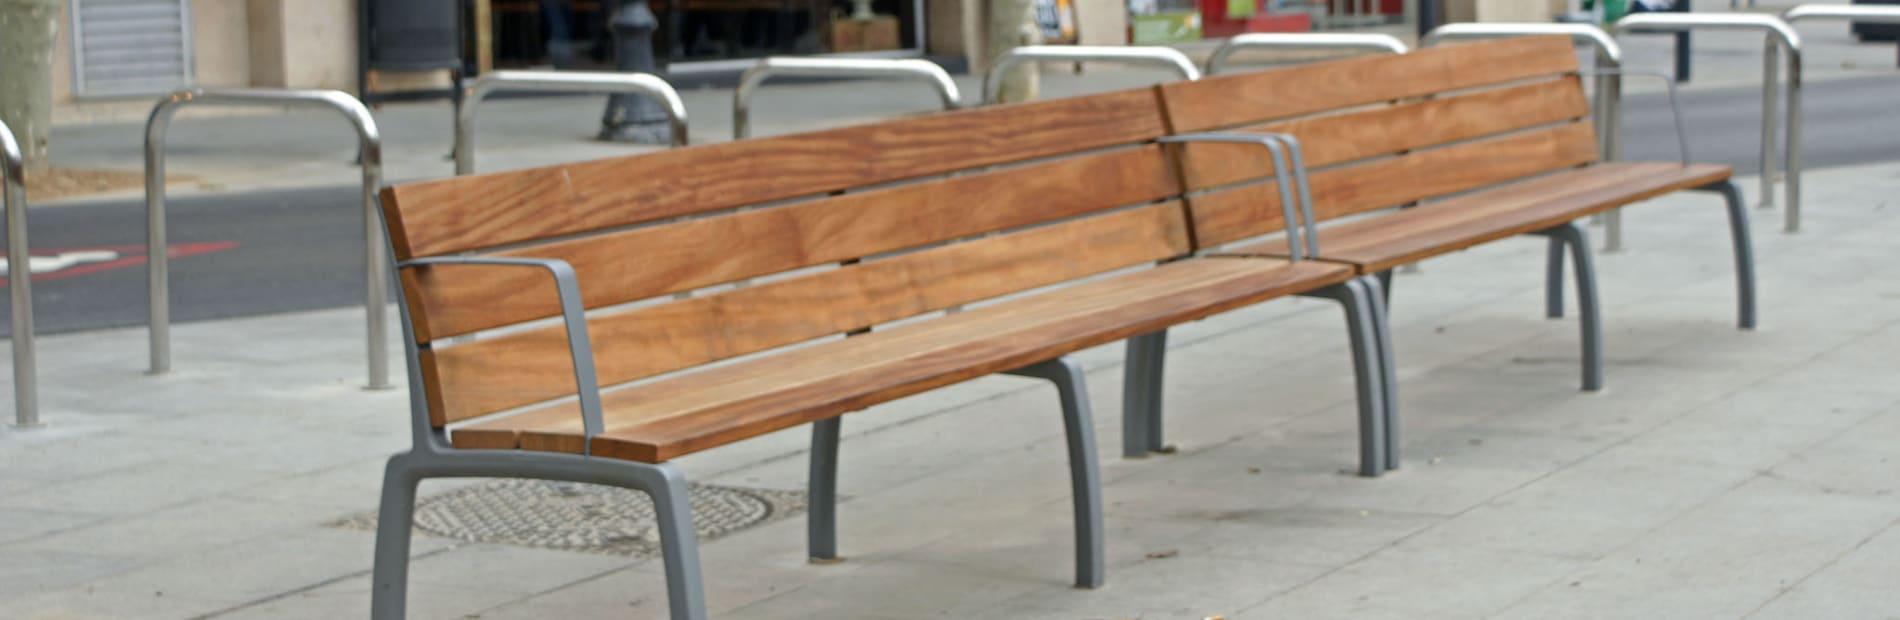 escofet kiwi seat